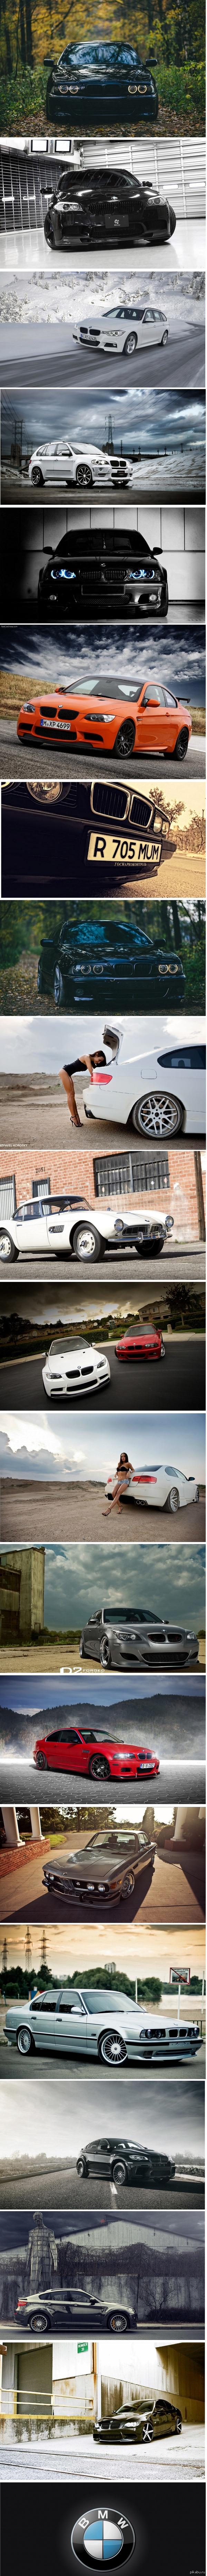 The Ultimate Driving Machine ( С удовольствием за рулем ) Склеил по просьбе @Demon7410  В комментах ссылка на архив с использовавшимися картинками.  Предлагайте еще темы  :)